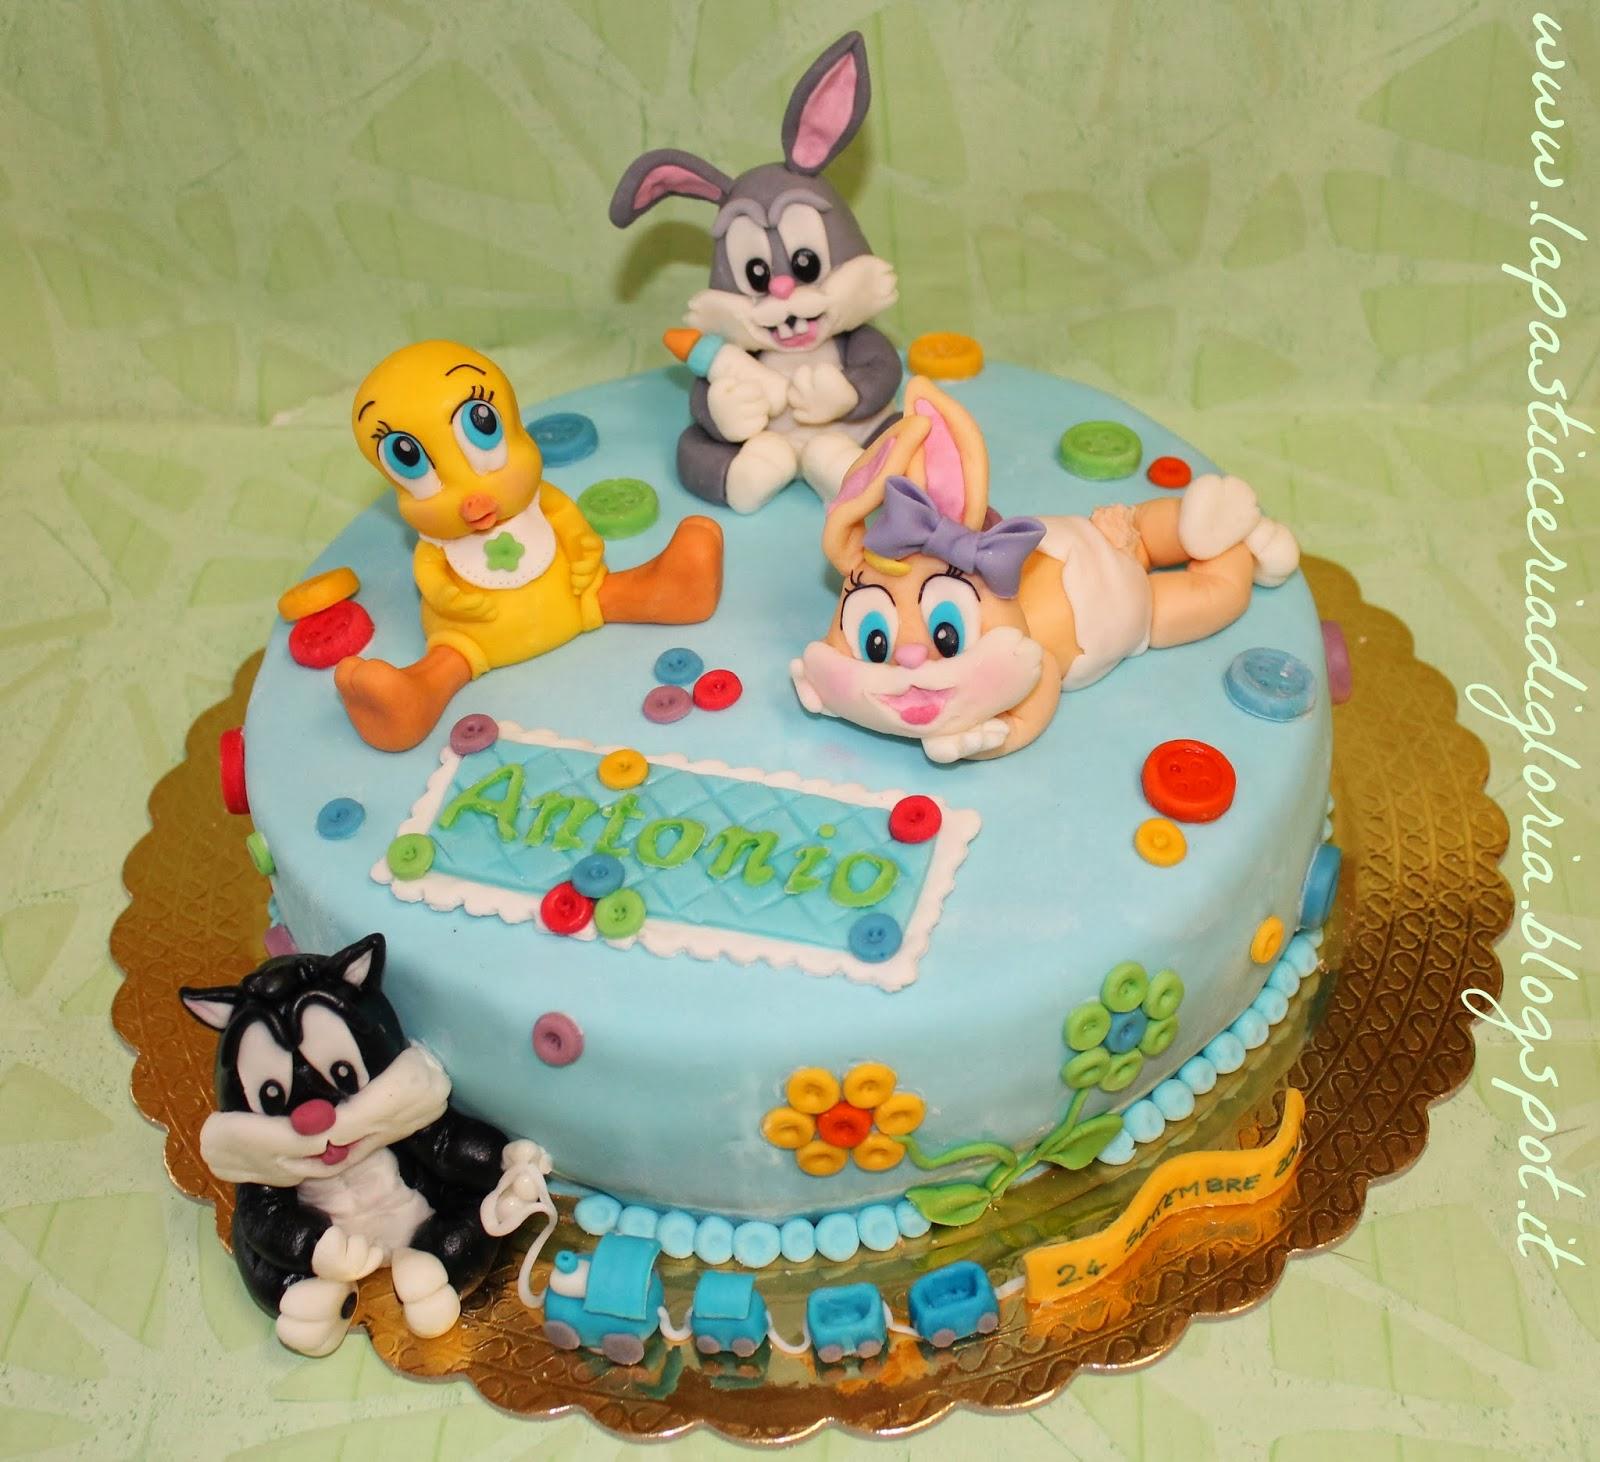 La pasticceria di gloria torta baby looney tunes - Bebe looney tunes ...